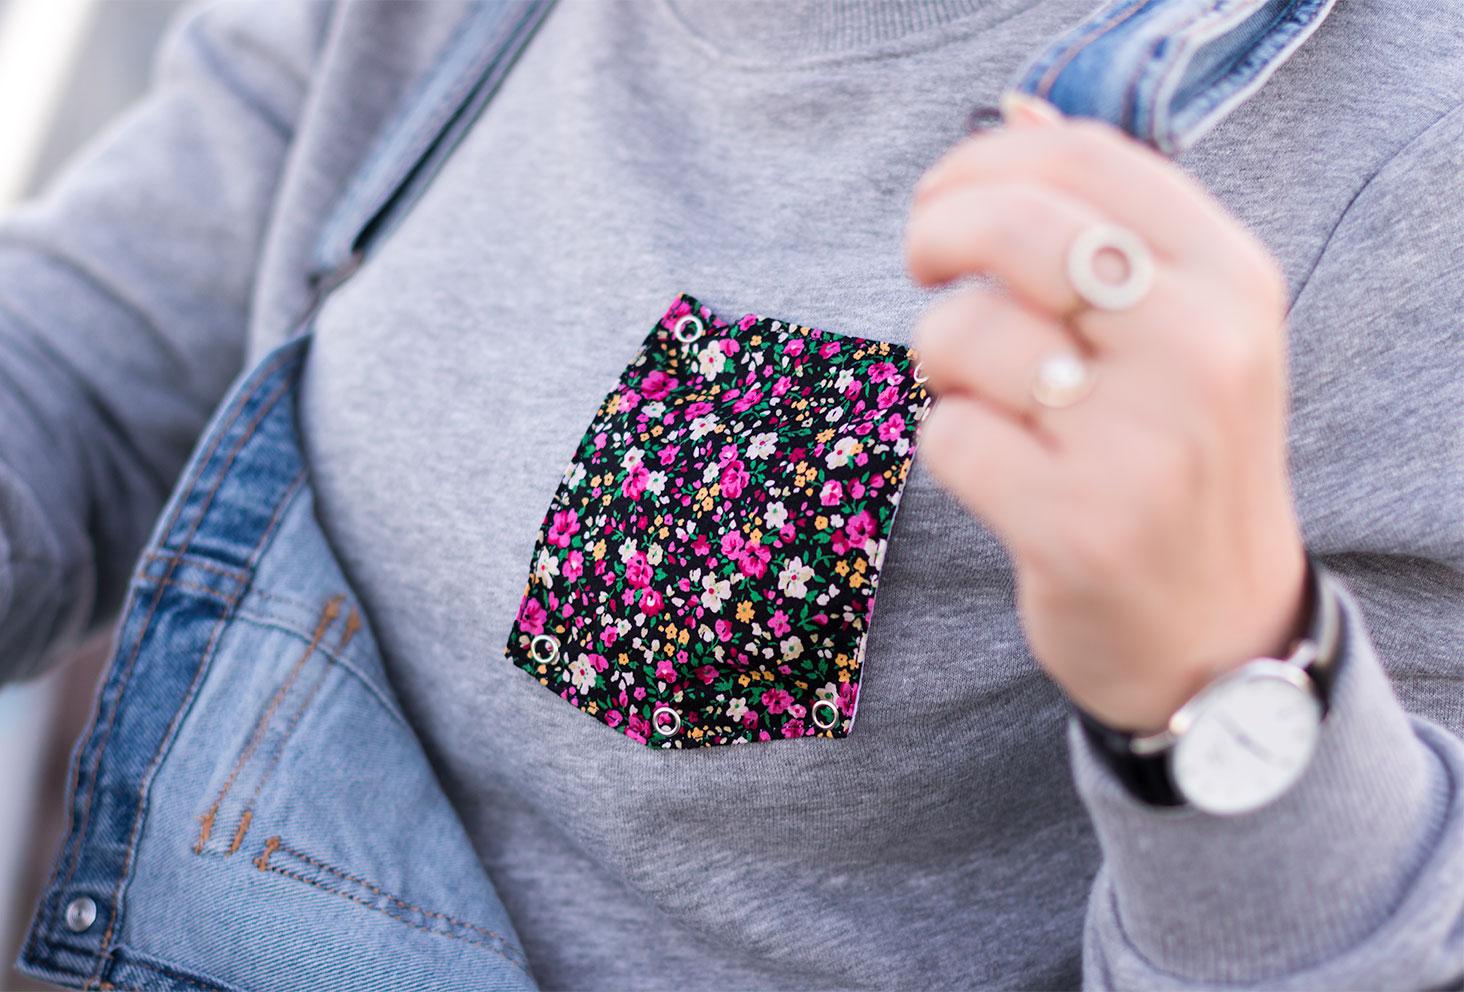 Zoom sur la pochette fleurie du sweat gris Wazashirt porté